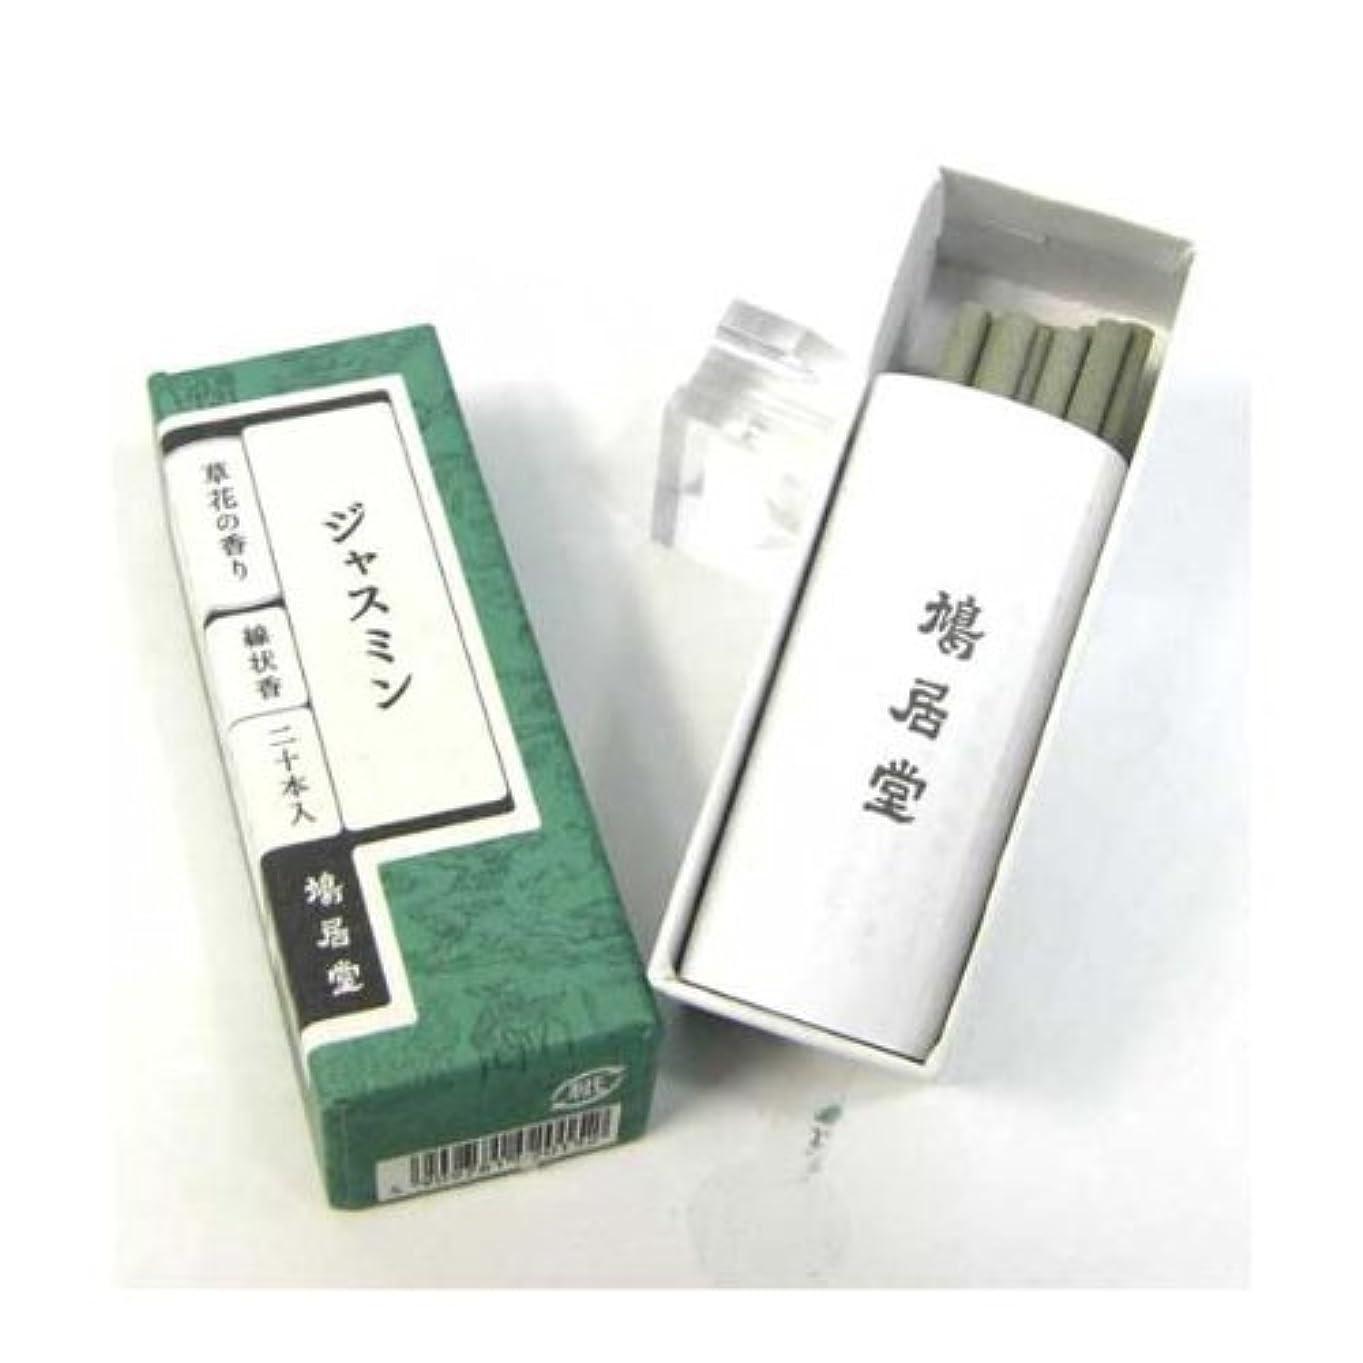 鳩居堂 お香 ジャスミン 草花の香りシリーズ スティックタイプ(棒状香)20本いり